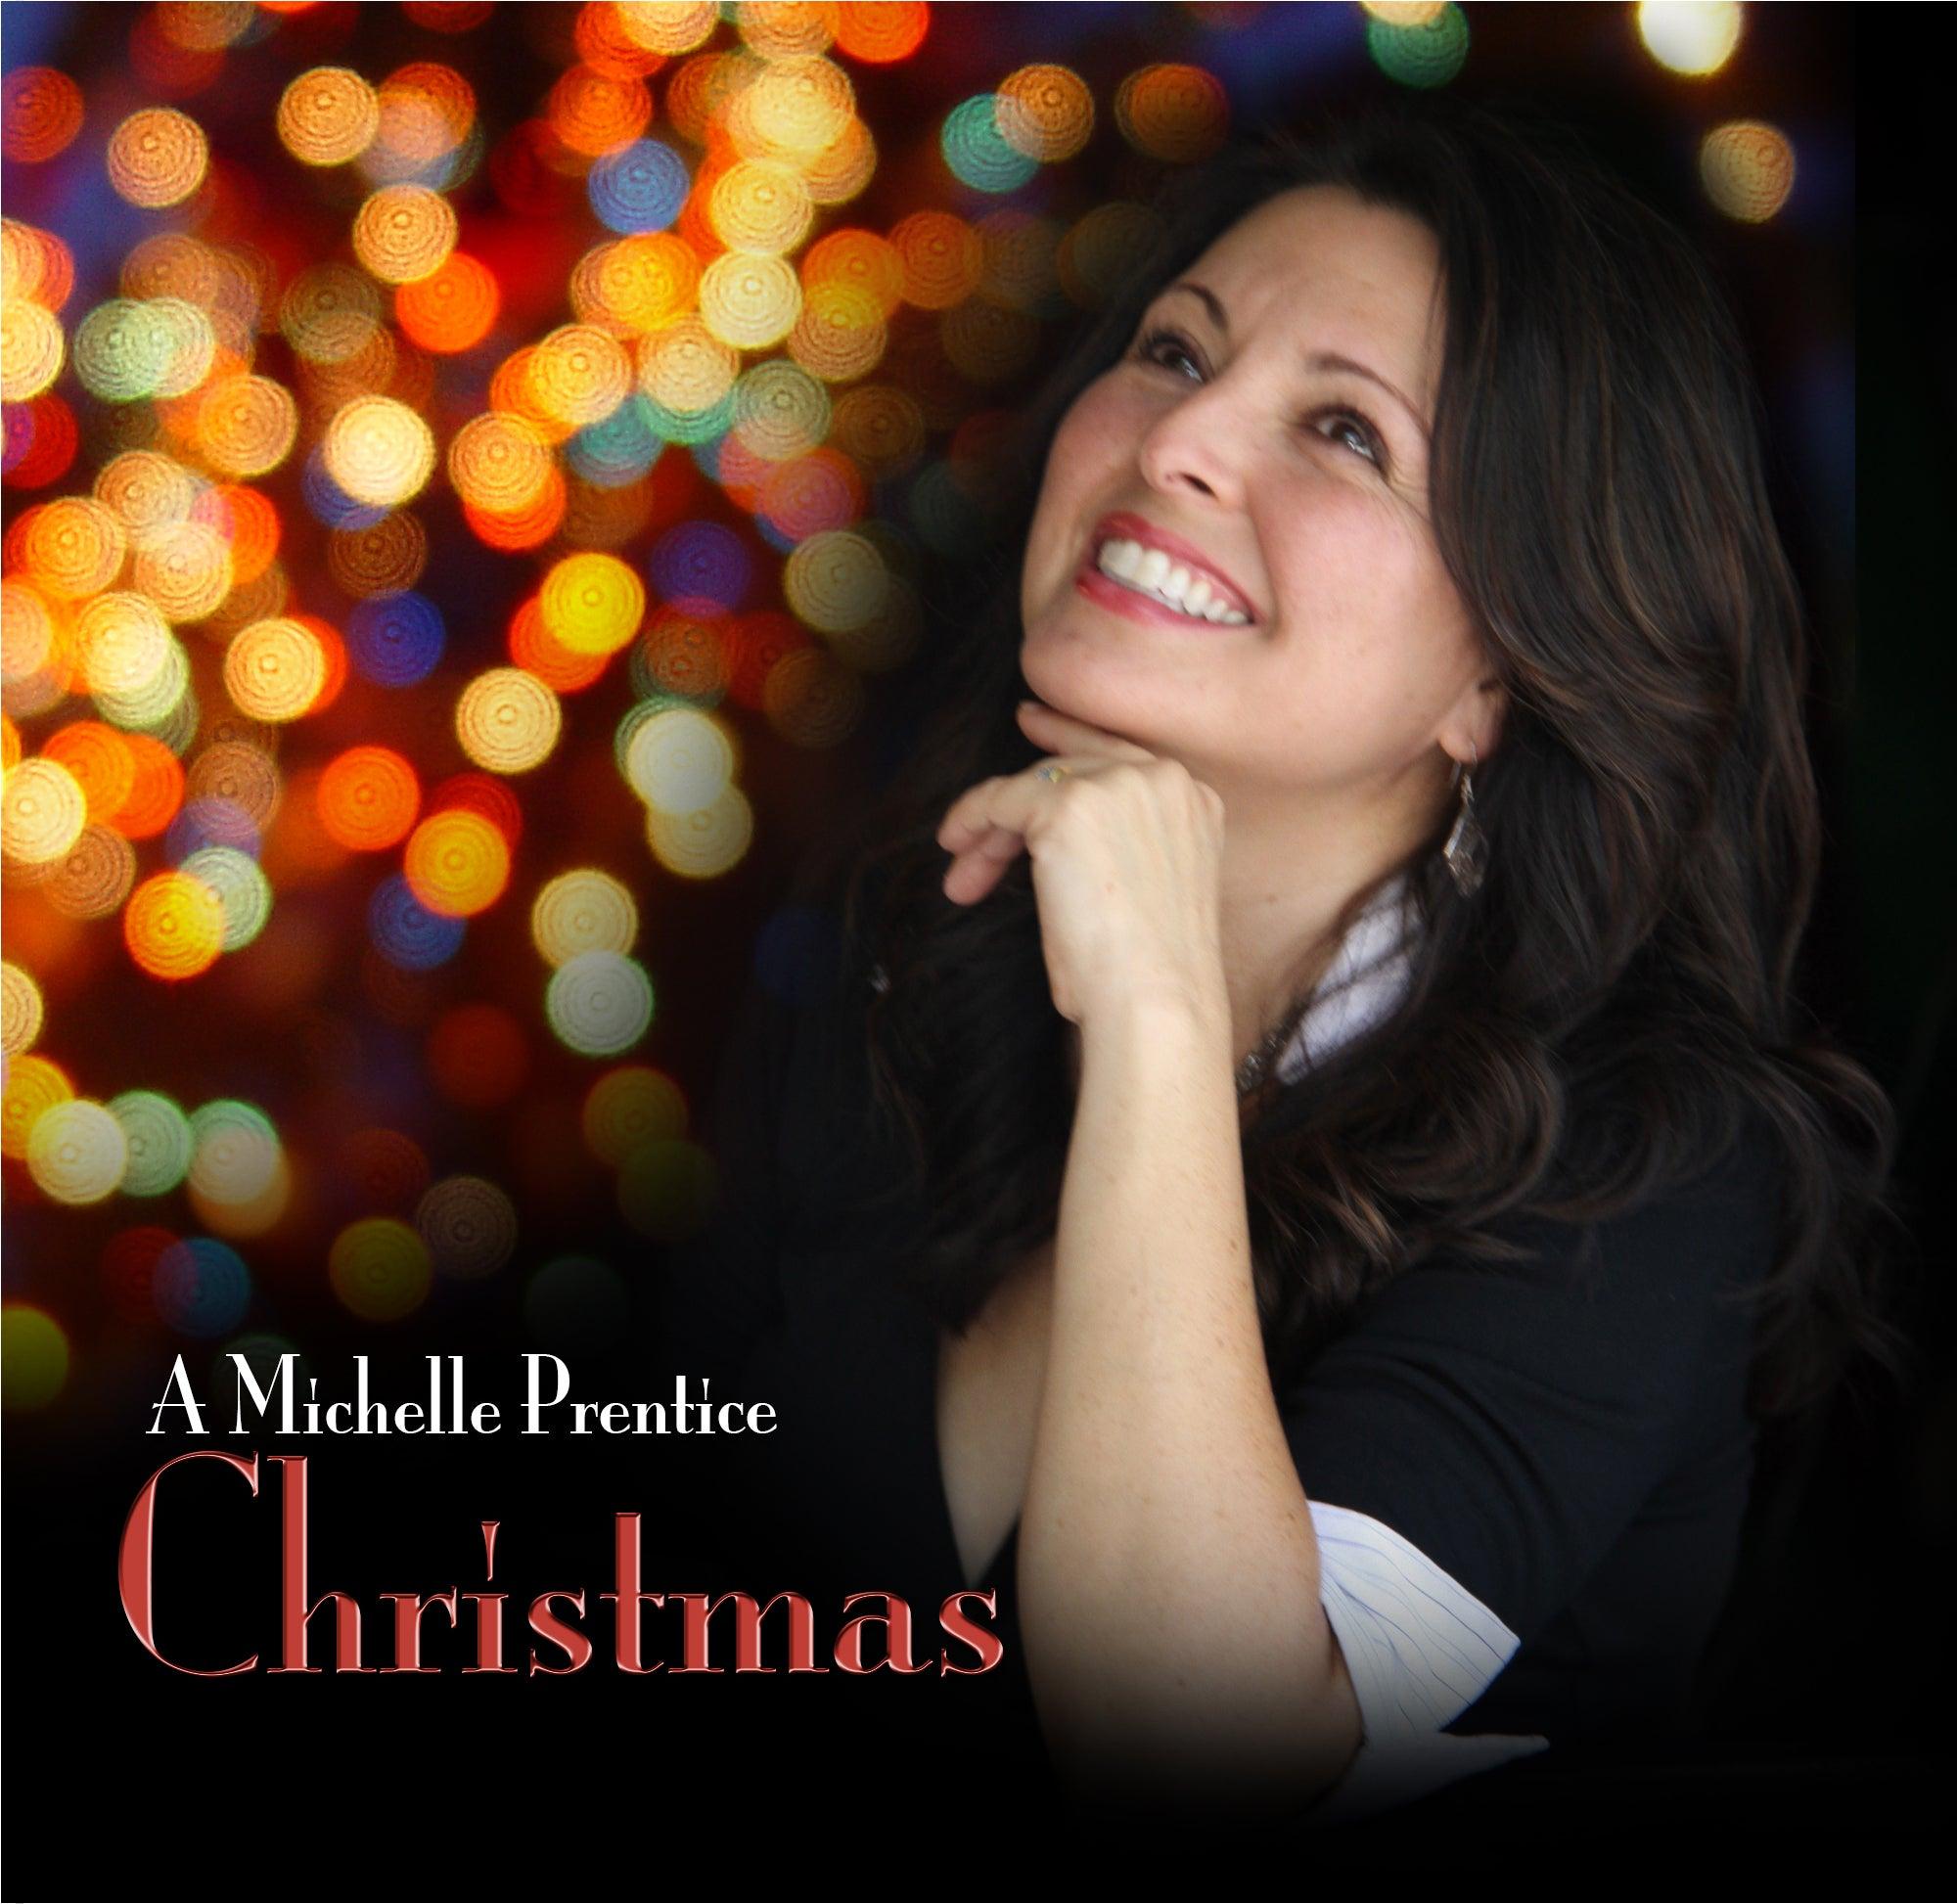 """""""Jesus Be Born In Me"""" by Michelle Prentice (Album: A Michelle Prentice Christmas)"""